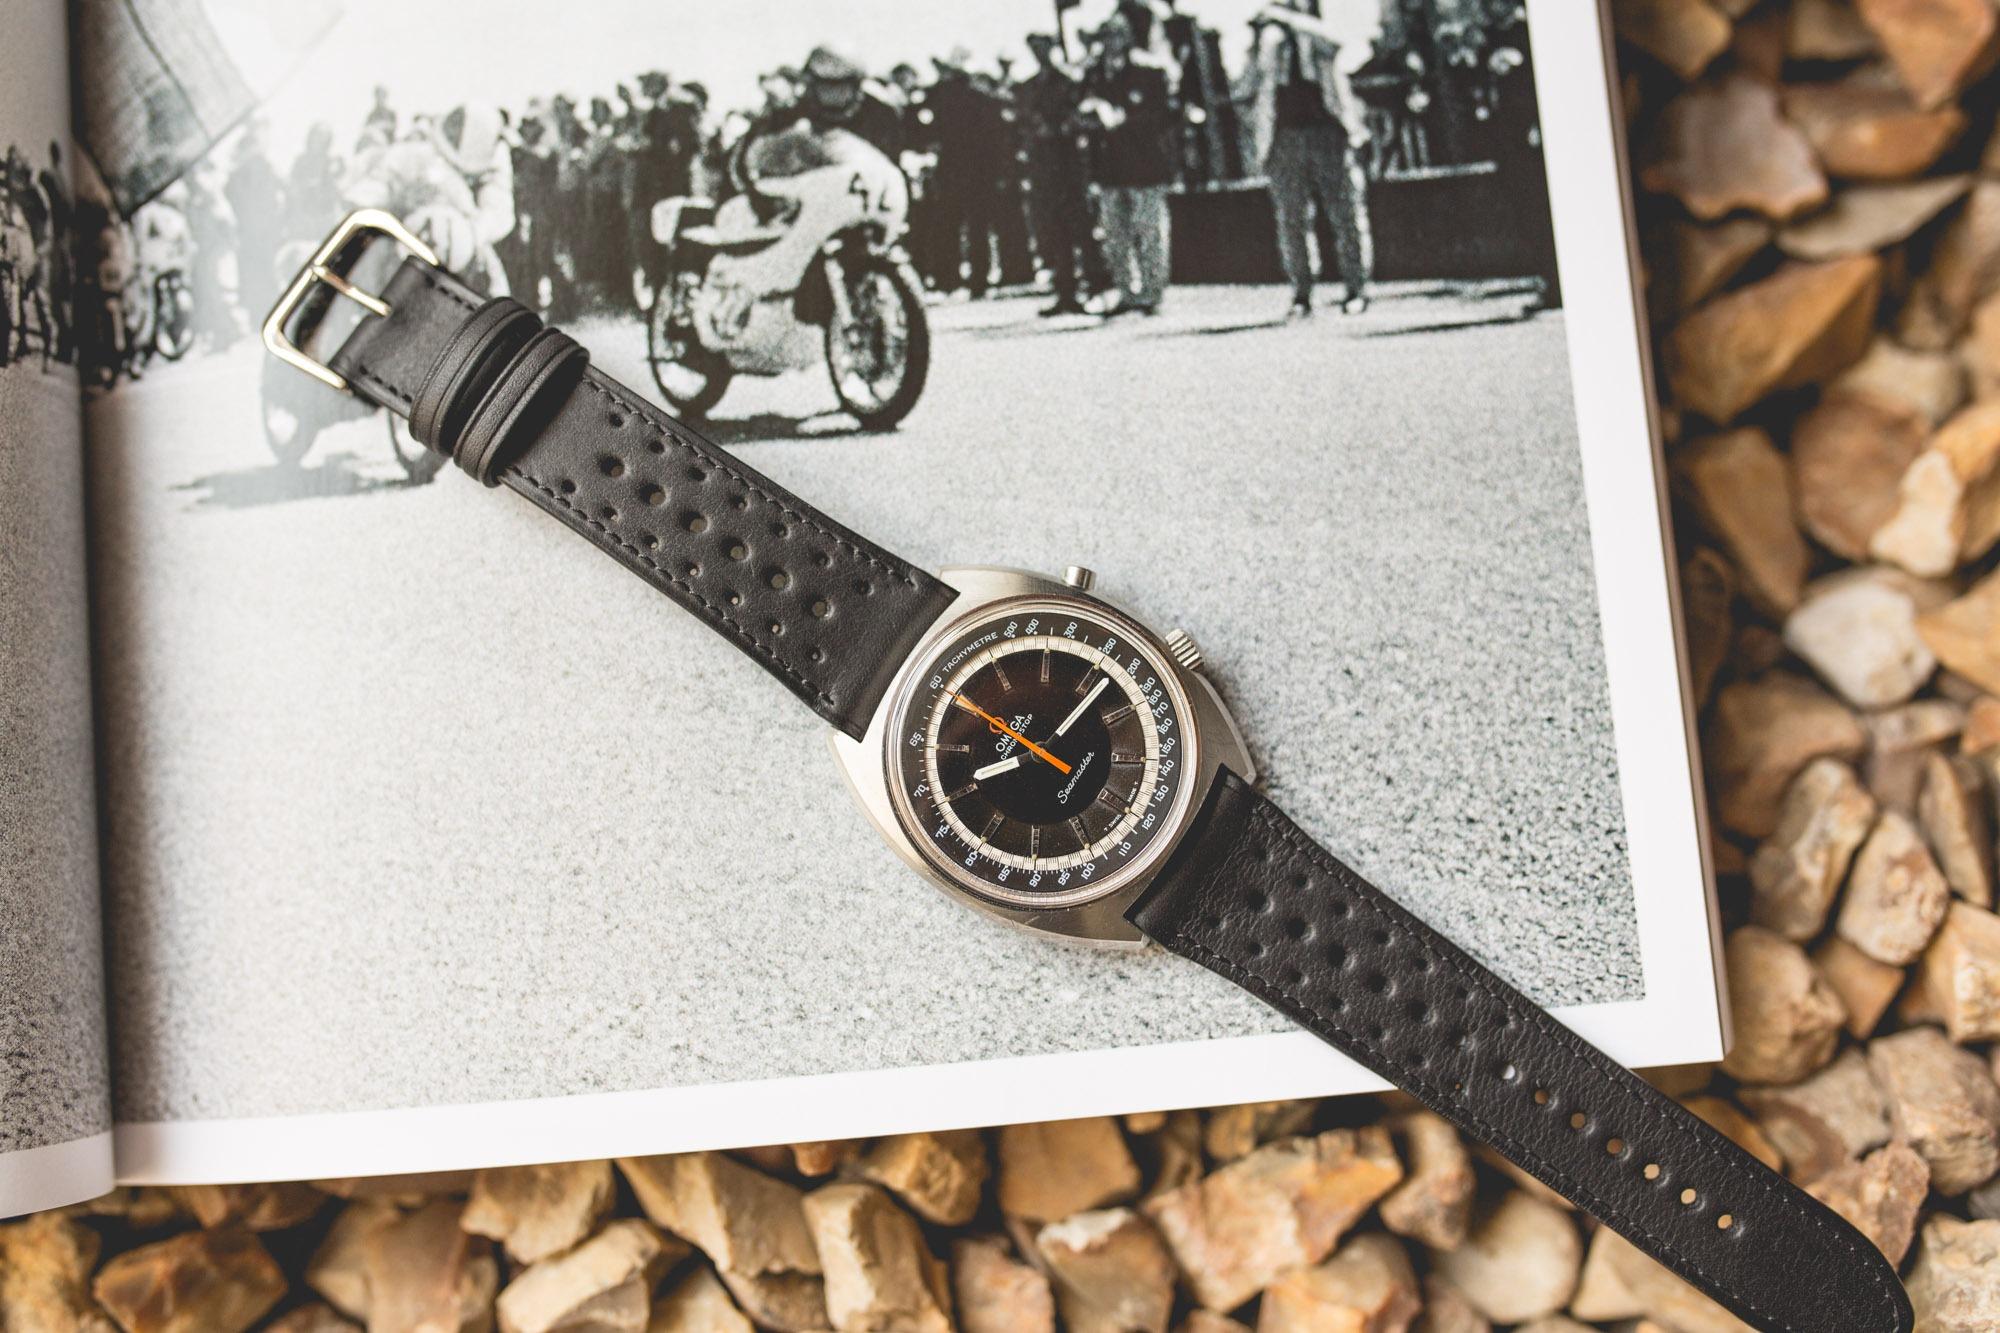 Nouvelles montres vintage Joseph Bonnie - Omega Chronostop 145.007